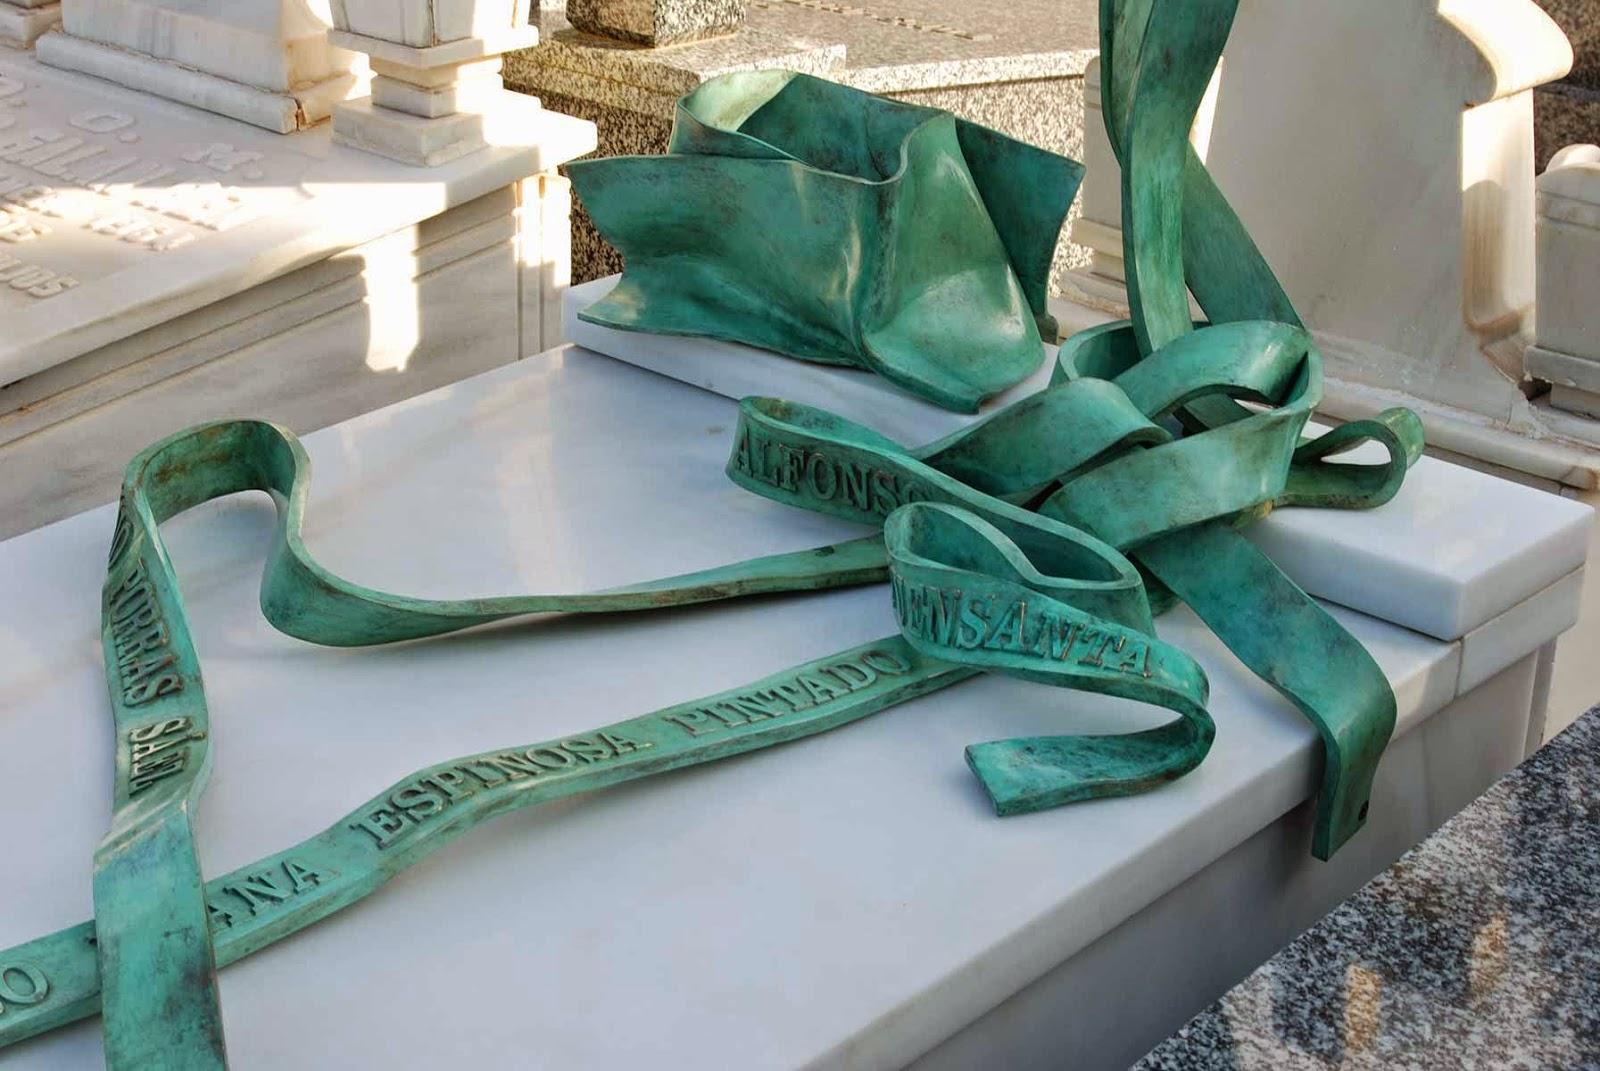 Monumento bronce cementerio Murcia Arturo Serra escultura 9